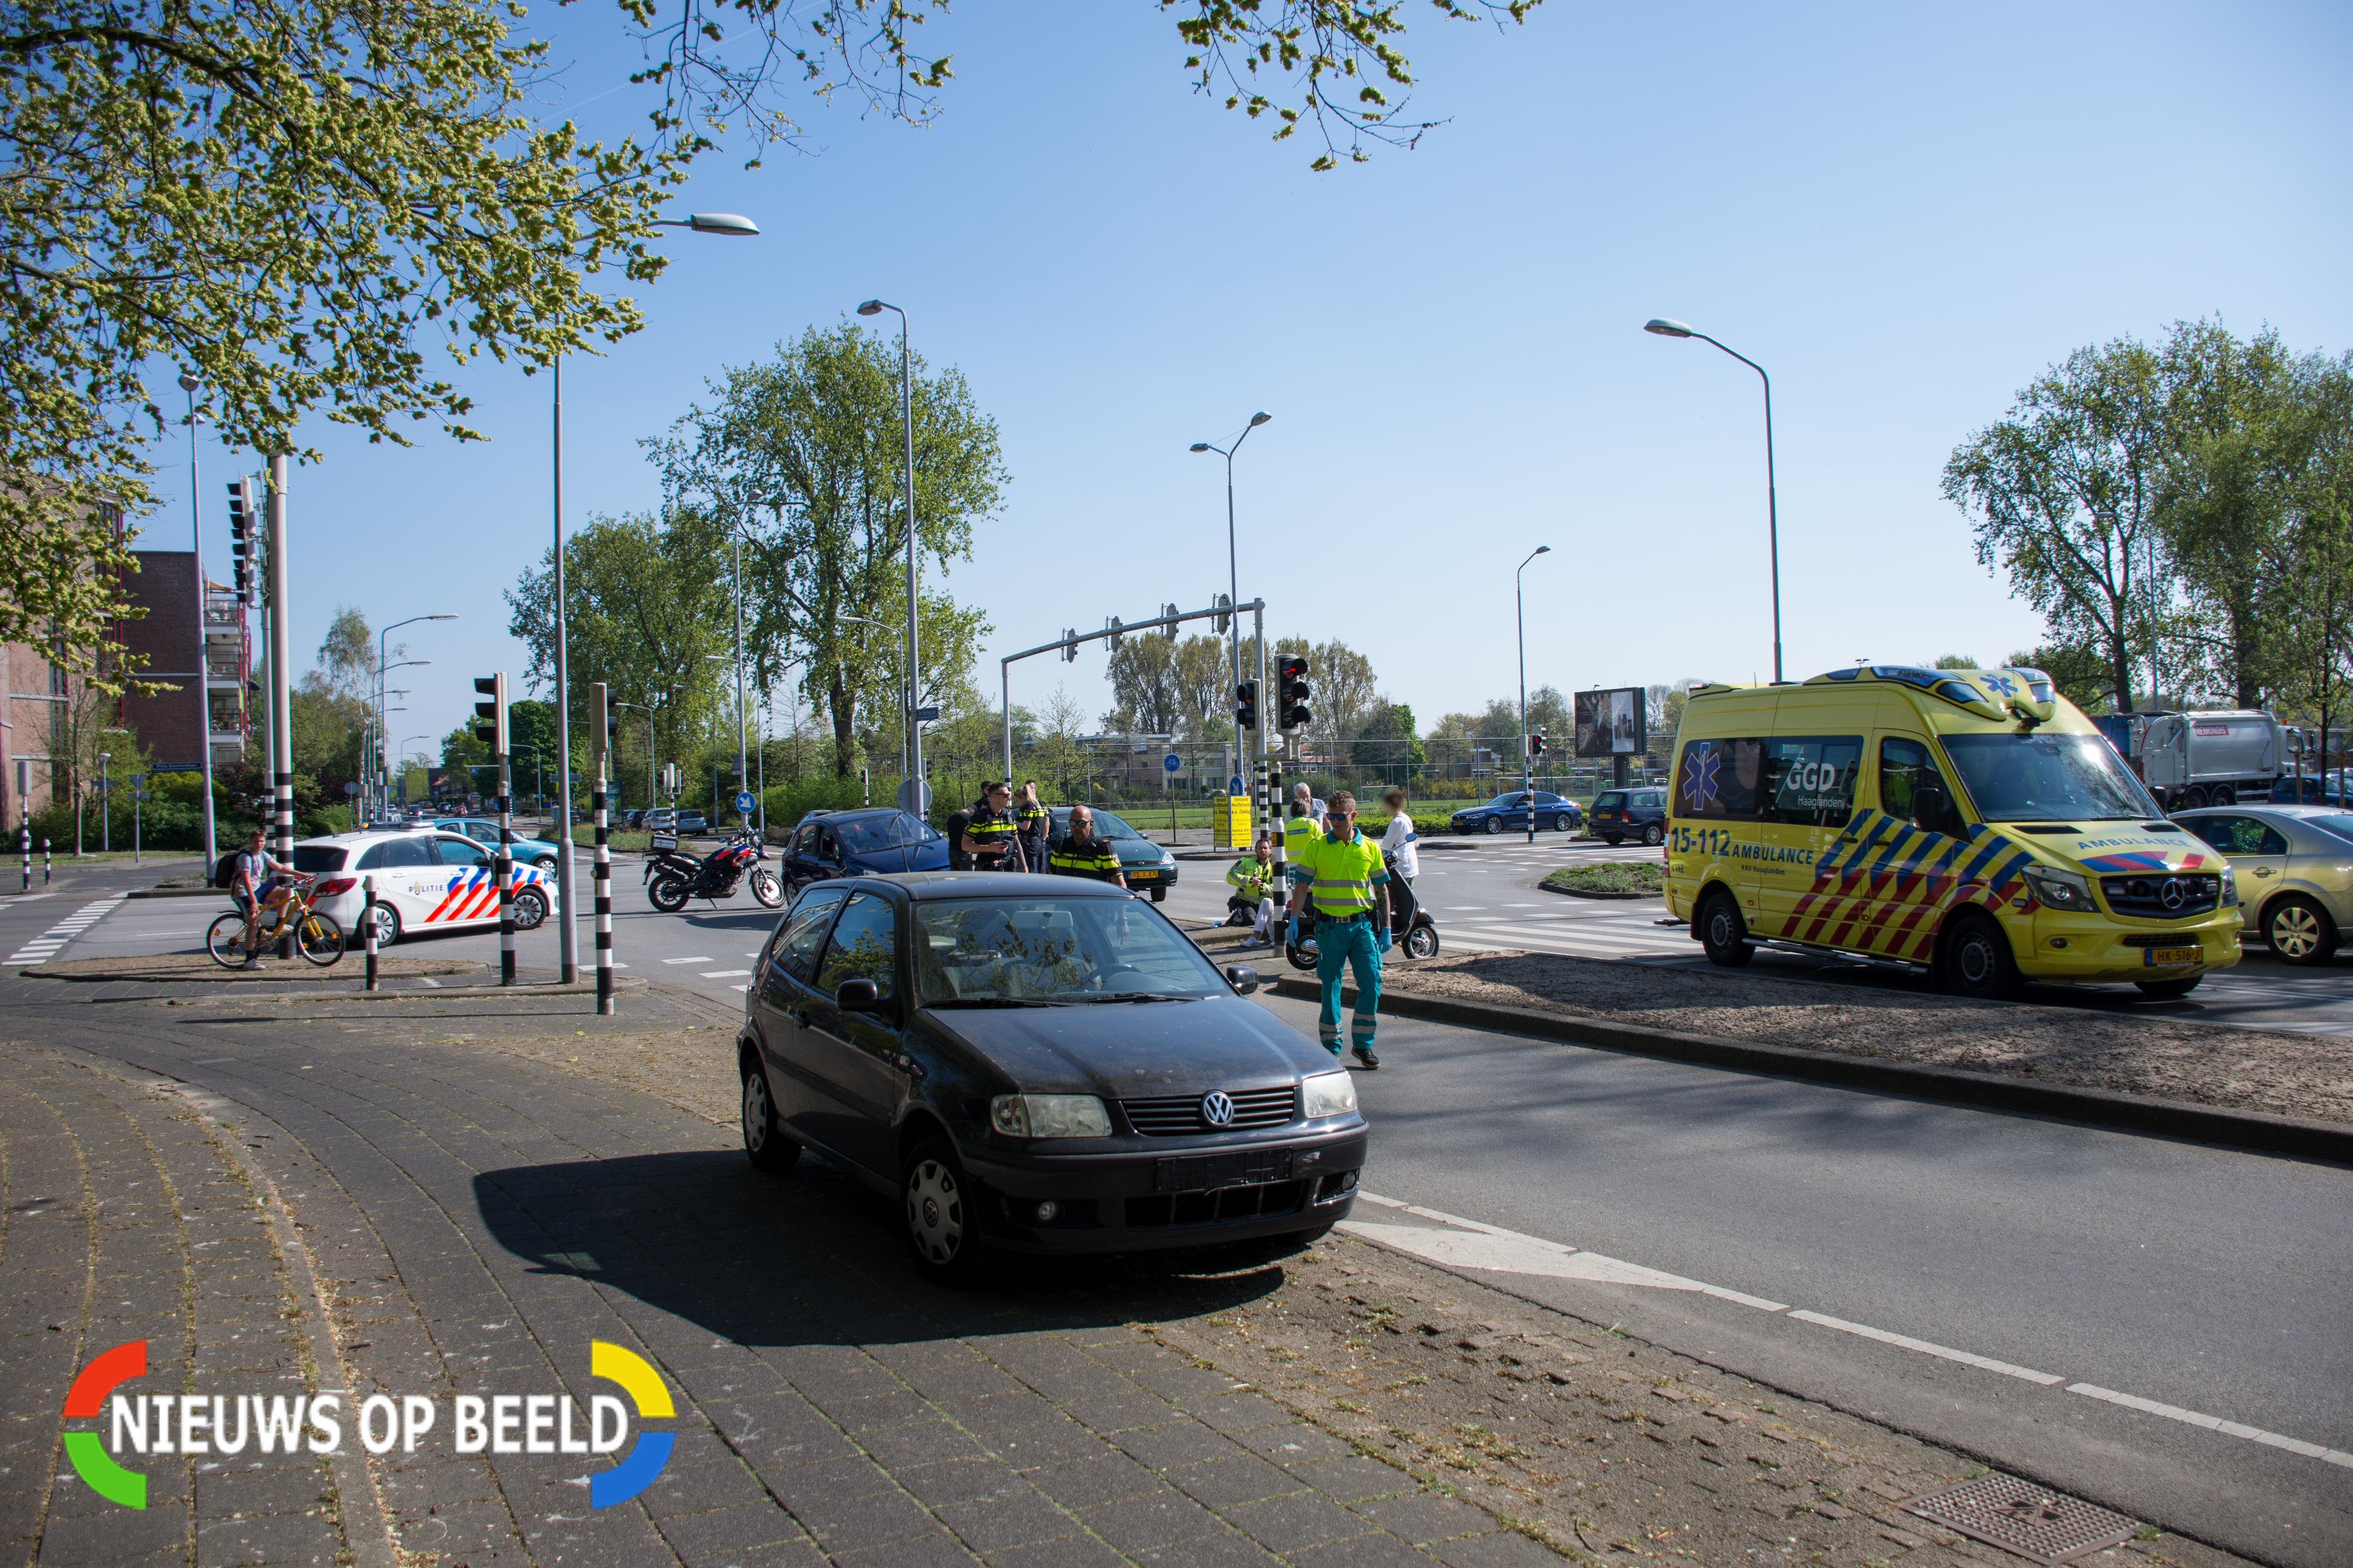 Scooterrijder gewond na aanrijding op kruising